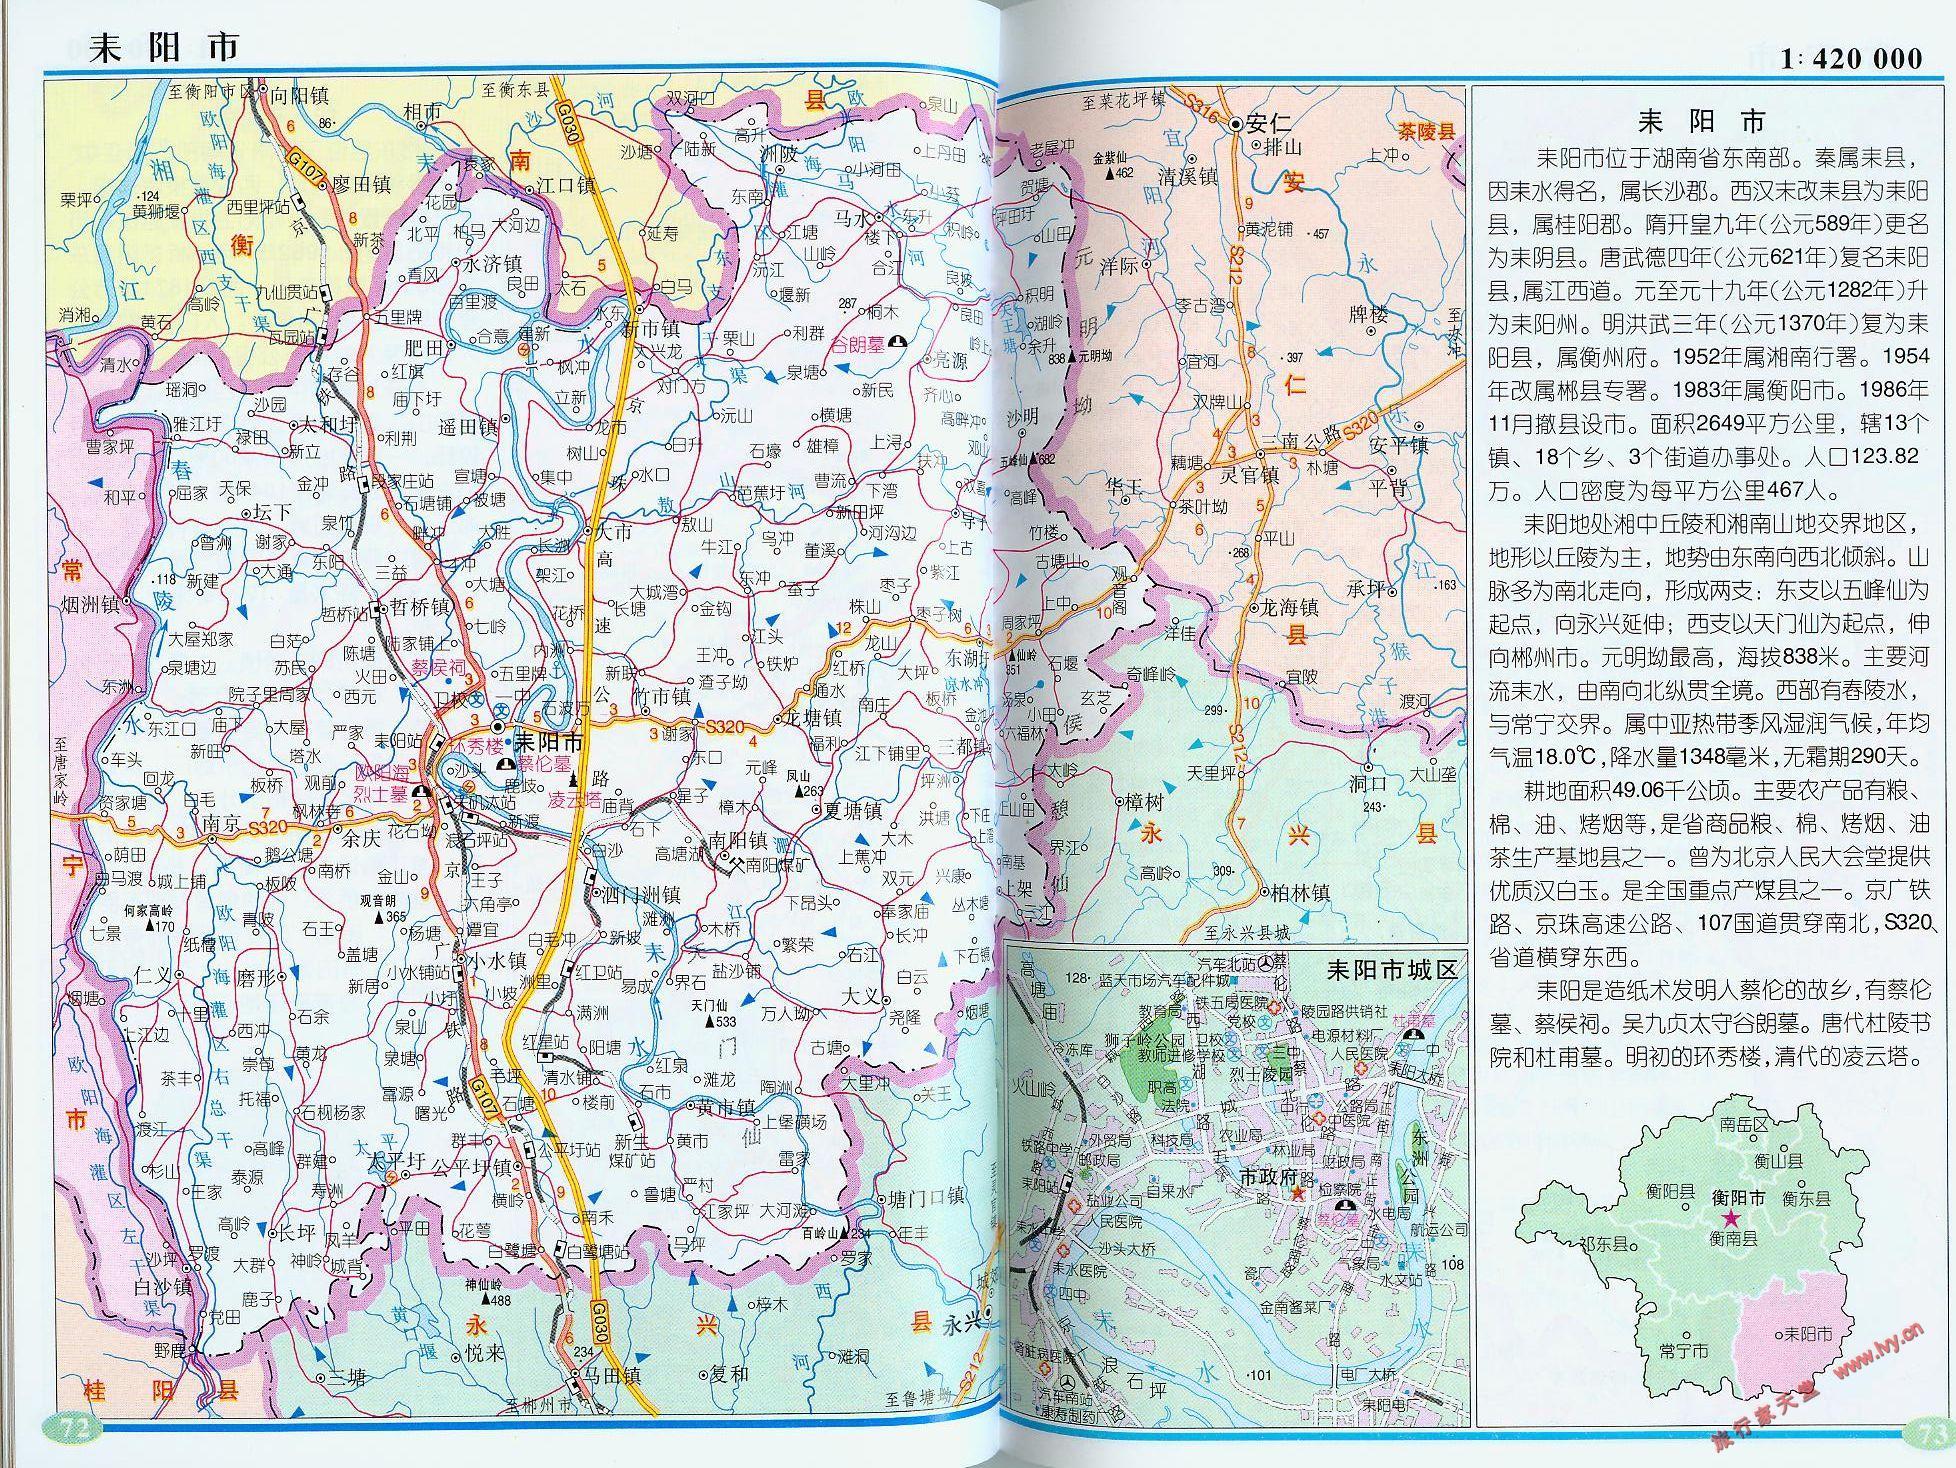 衡阳地图 湖南衡阳地图 衡阳地图全图高清版